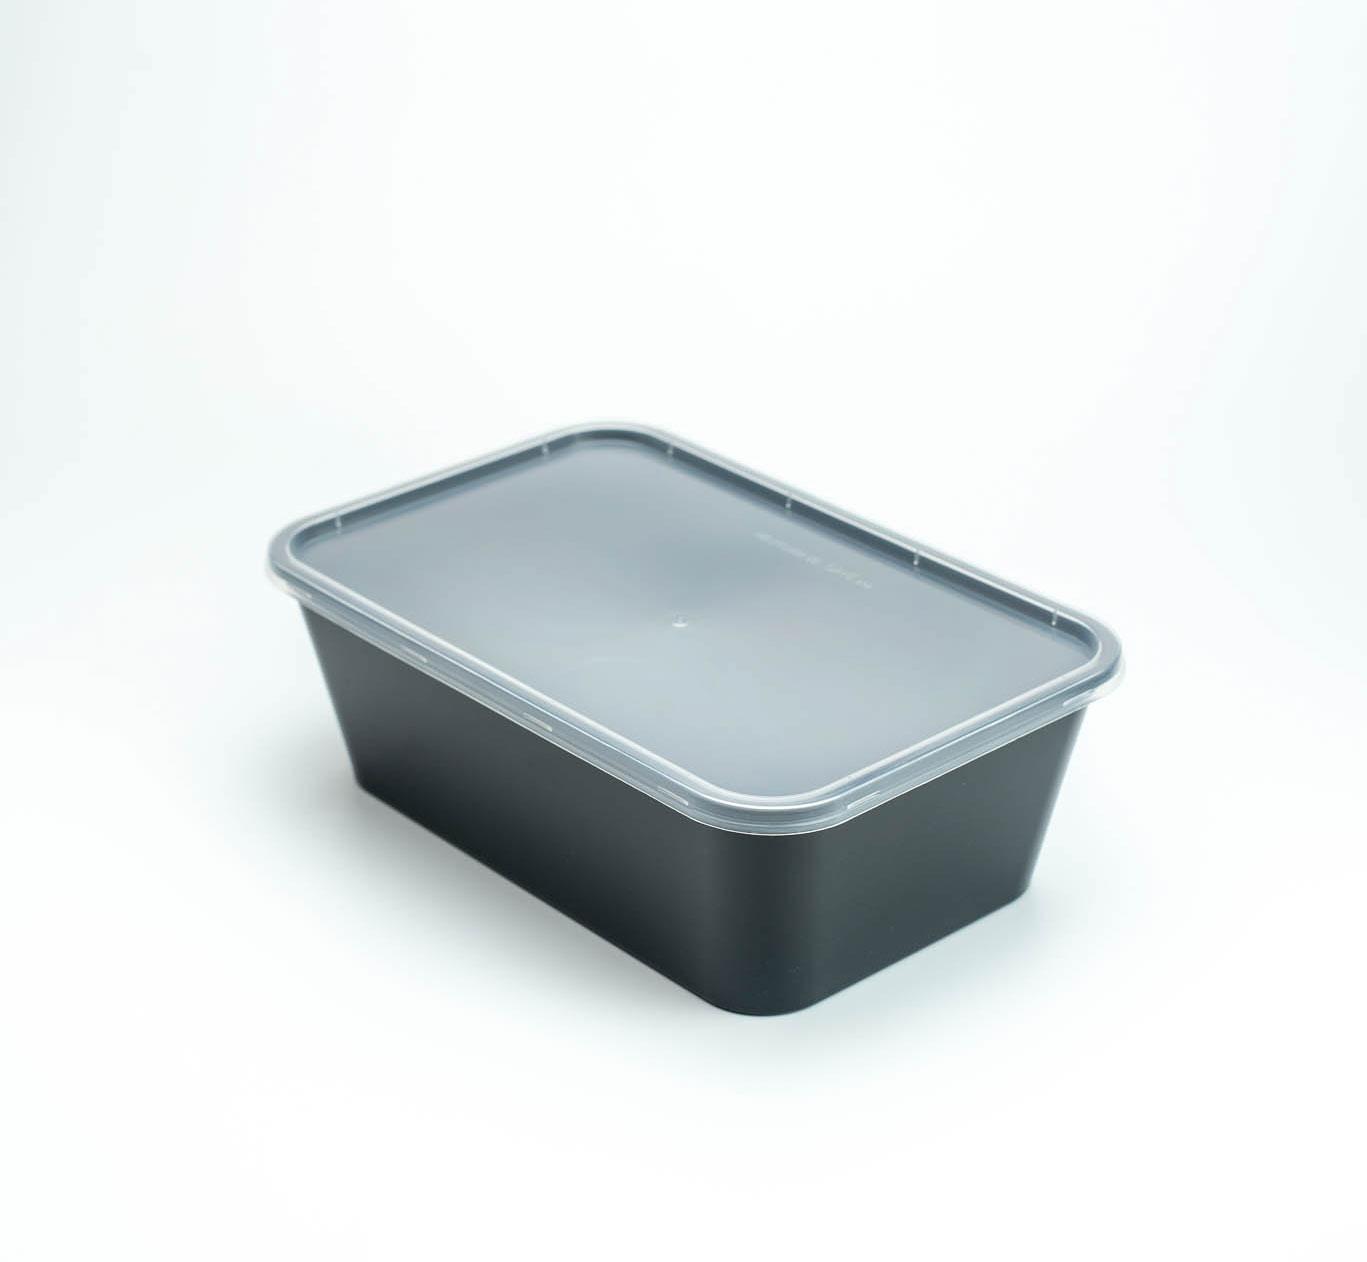 กล่องอาหารพลาสติก 1 ช่อง premium 1500ml